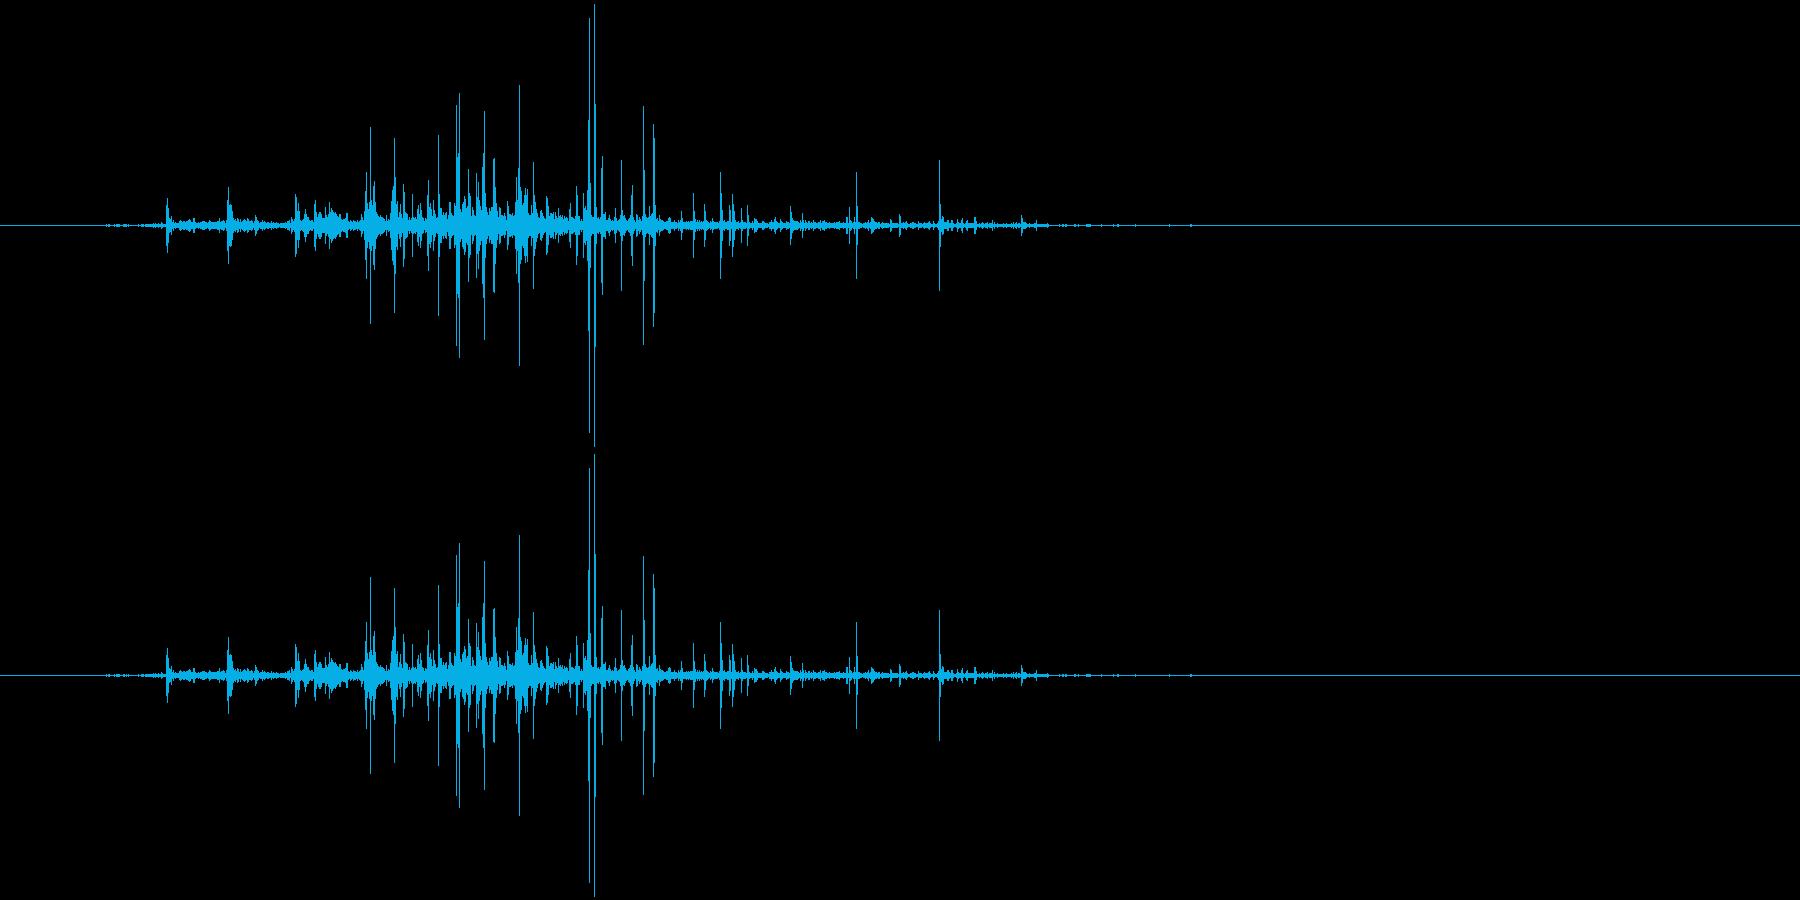 クシャリ(紙をまるめる音、新聞)の再生済みの波形